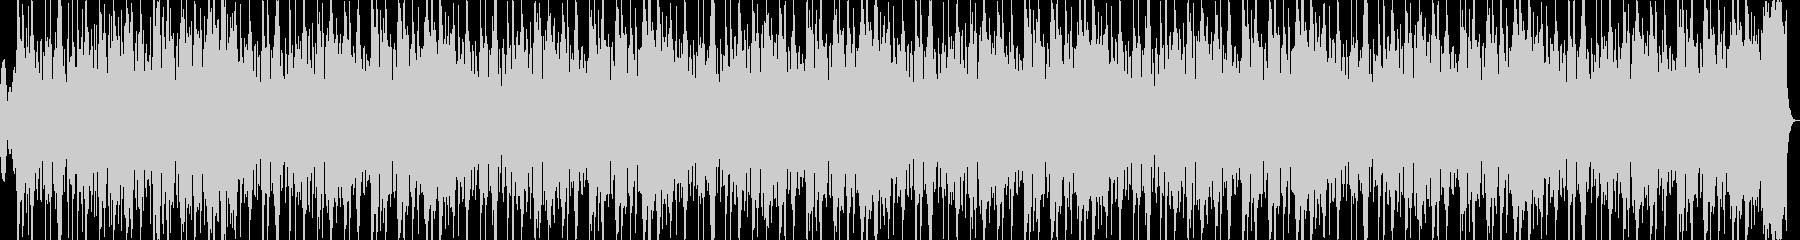 オーケストラ演劇用ナレーションBGMの未再生の波形